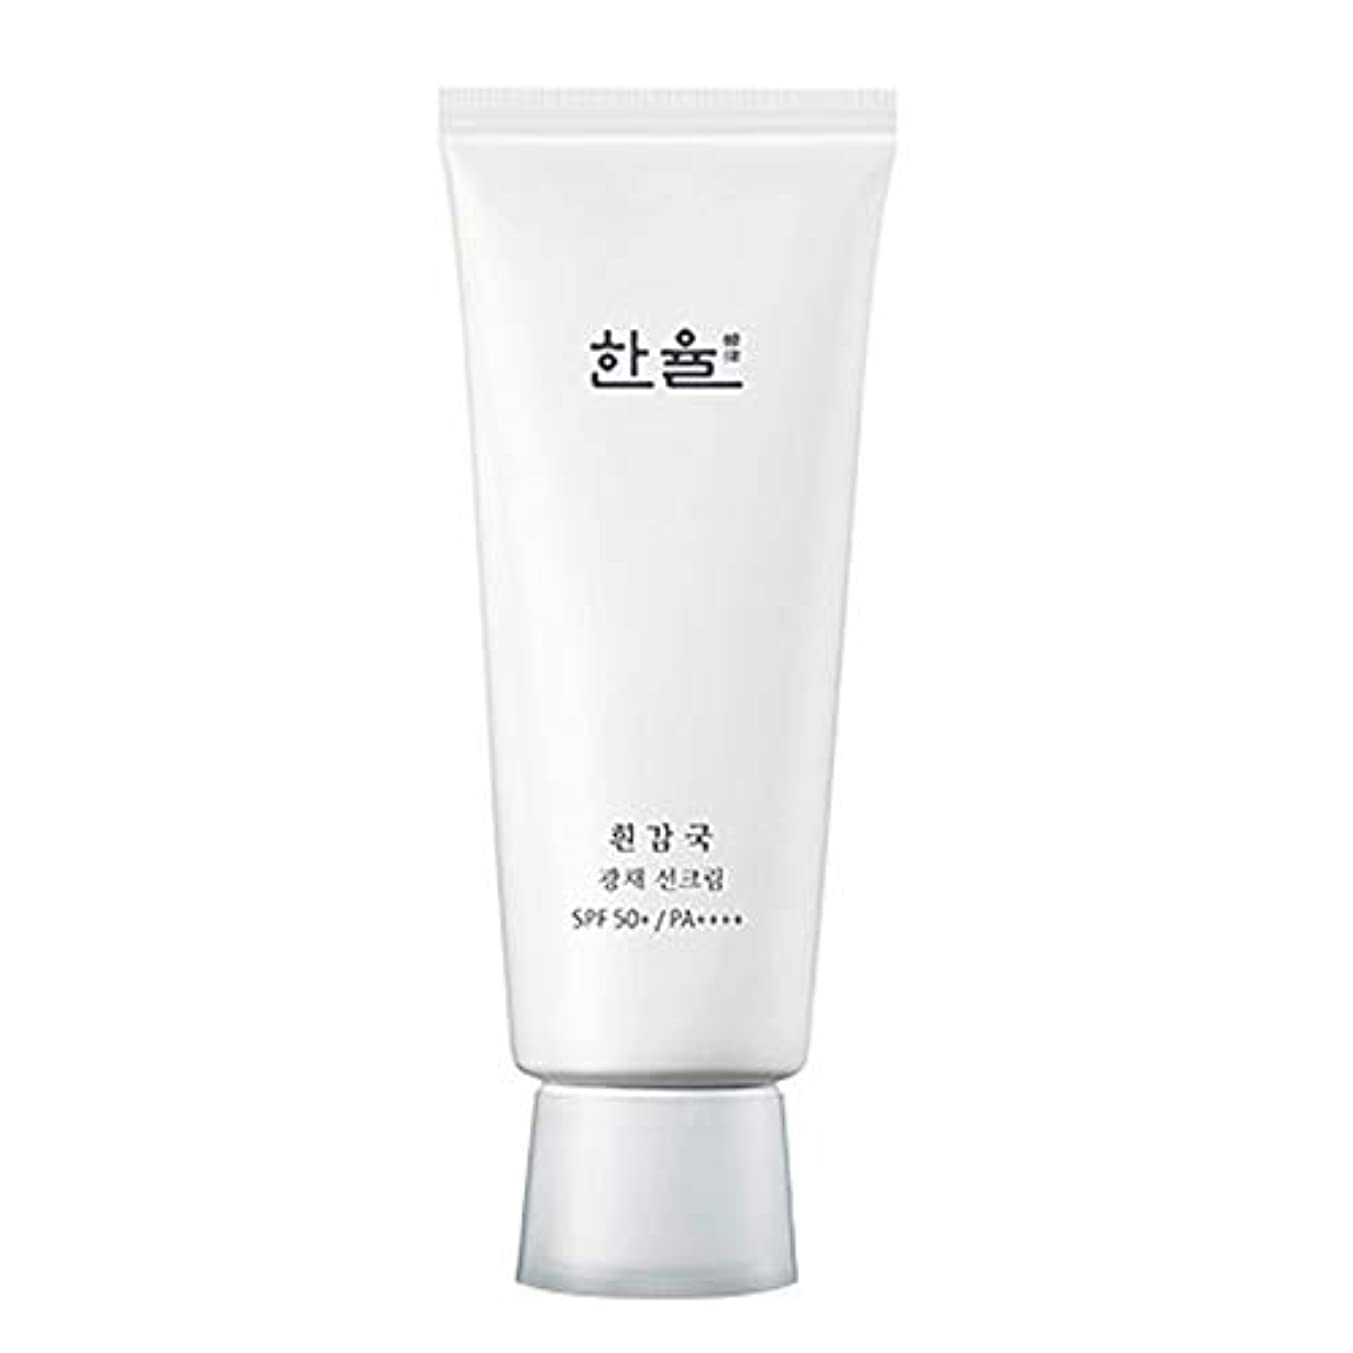 大砲ご予約解放する[HANYUL] ハンユル 白いガムグク輝きサンクリーム 70ml SPF50+ PA++++ White Chrysanthemum Radiance Sunscreen cream